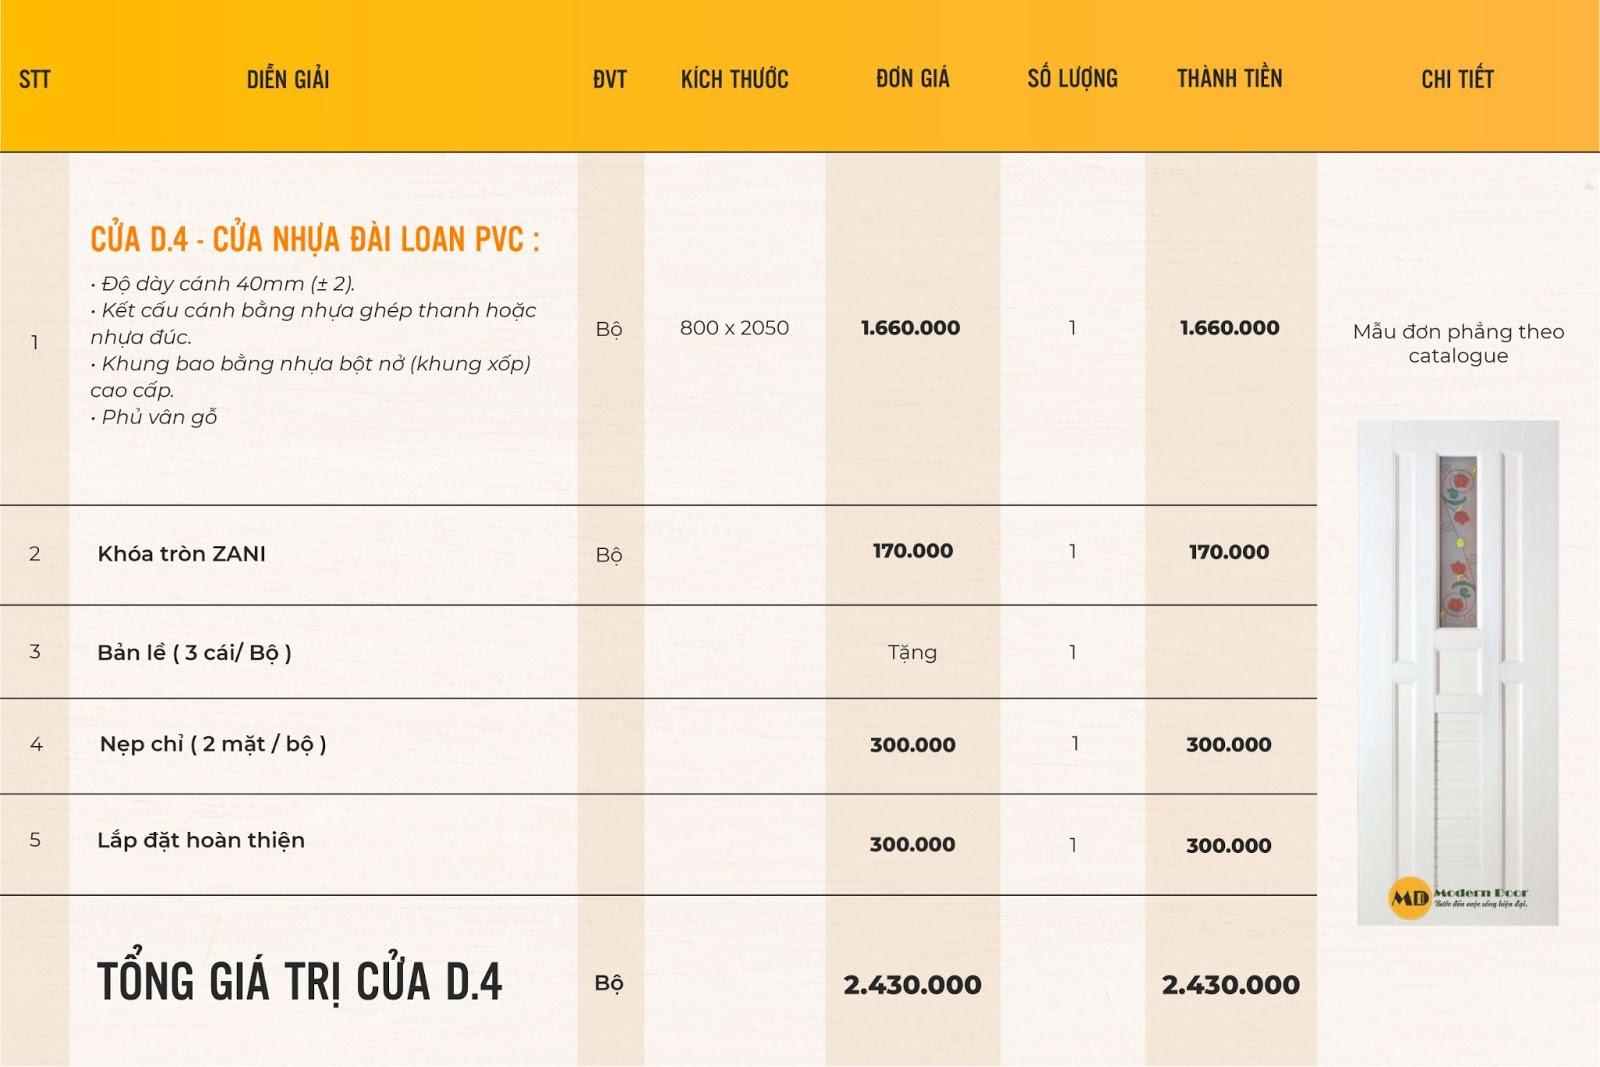 báo giá cửa Đài Loan siêu rẻ tphcm